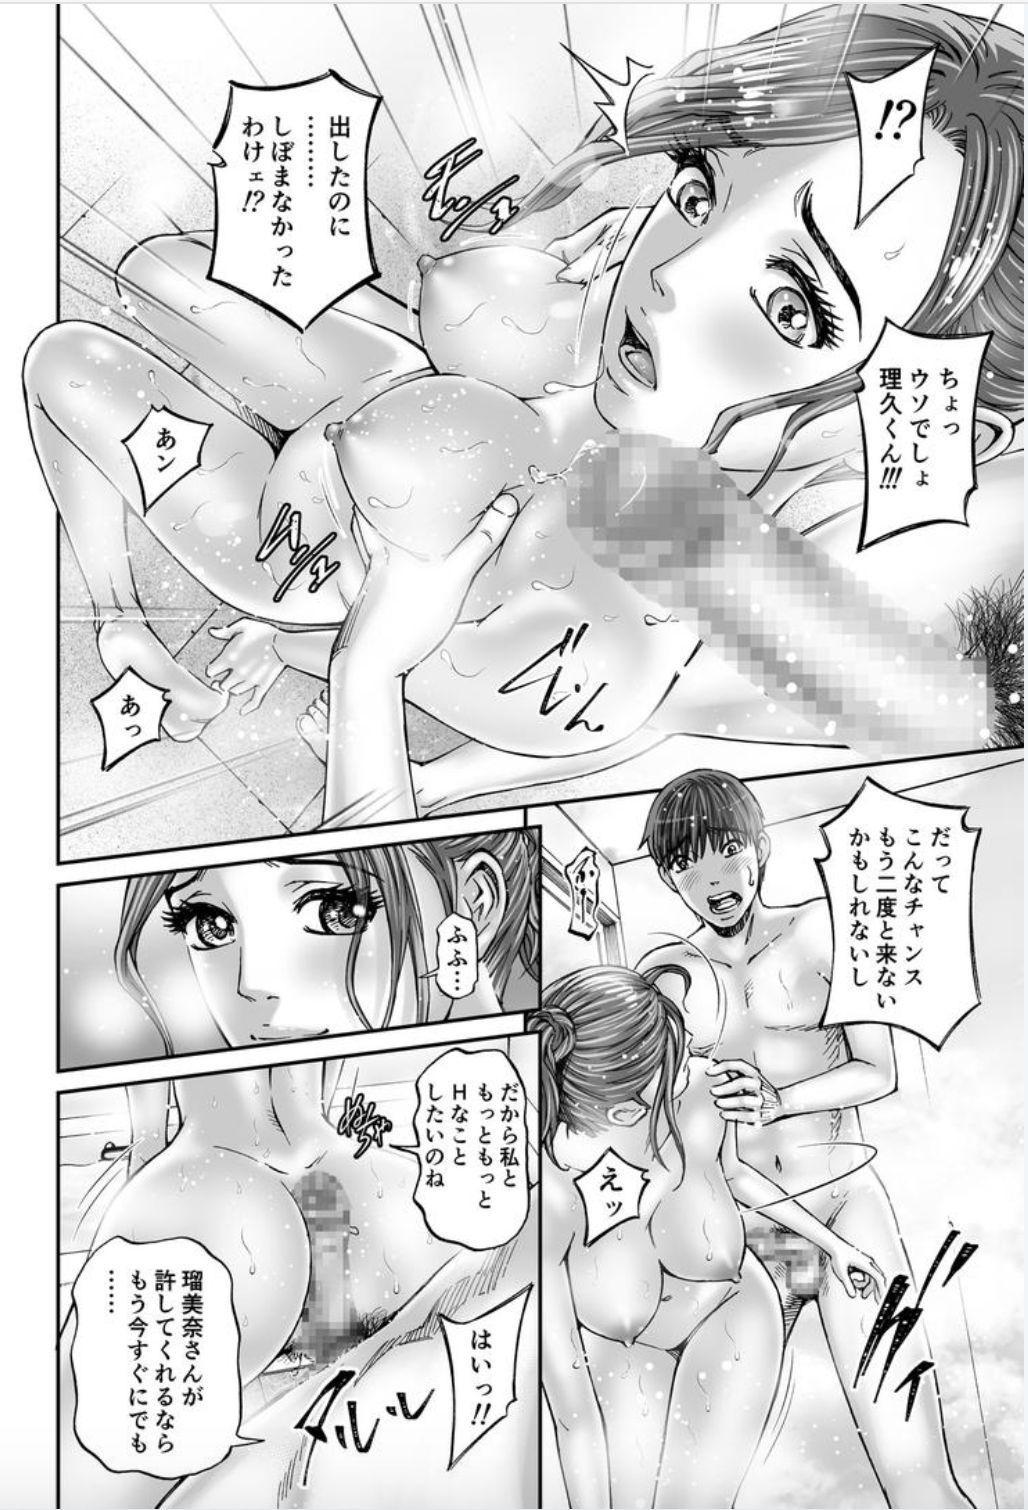 Seisyoku Dance Hitodzuma no chitsueki ni mamirete 1-2 29